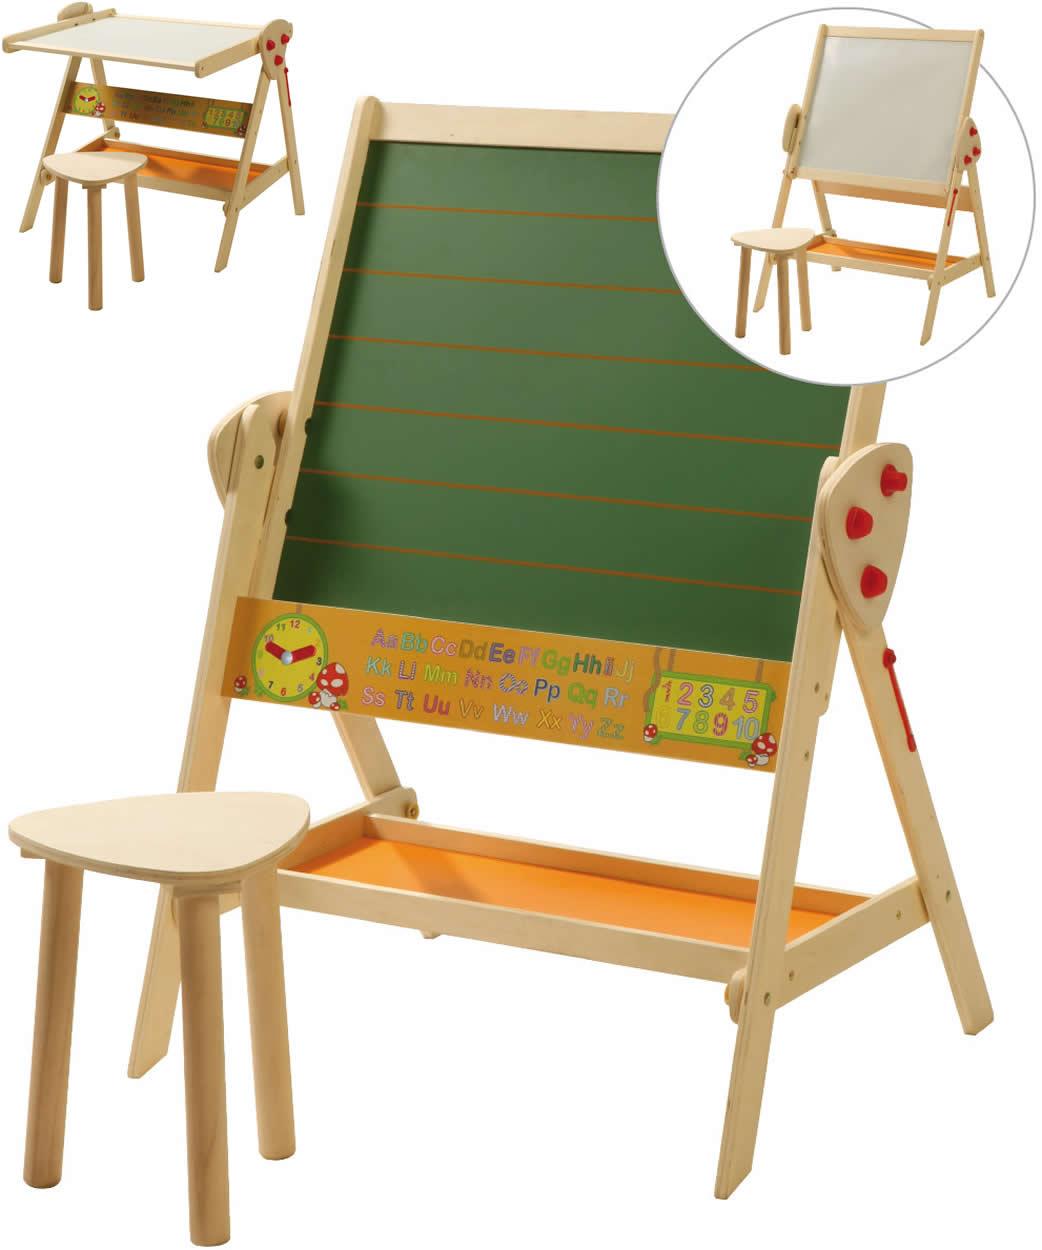 Roba Kinder Standtafel Tafel Kreidetafel Liniert Magnettafel Magnetisch